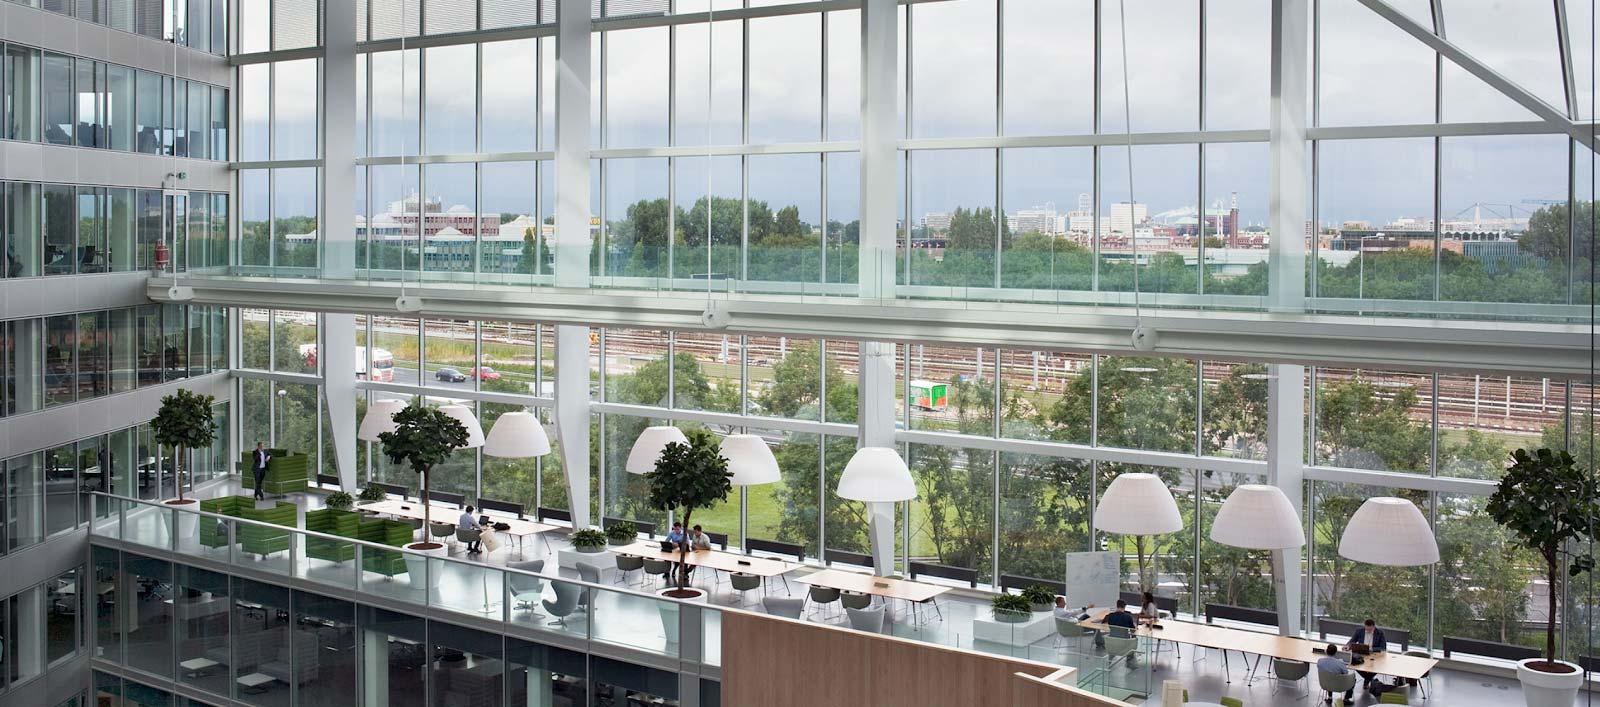 Deloitte office view